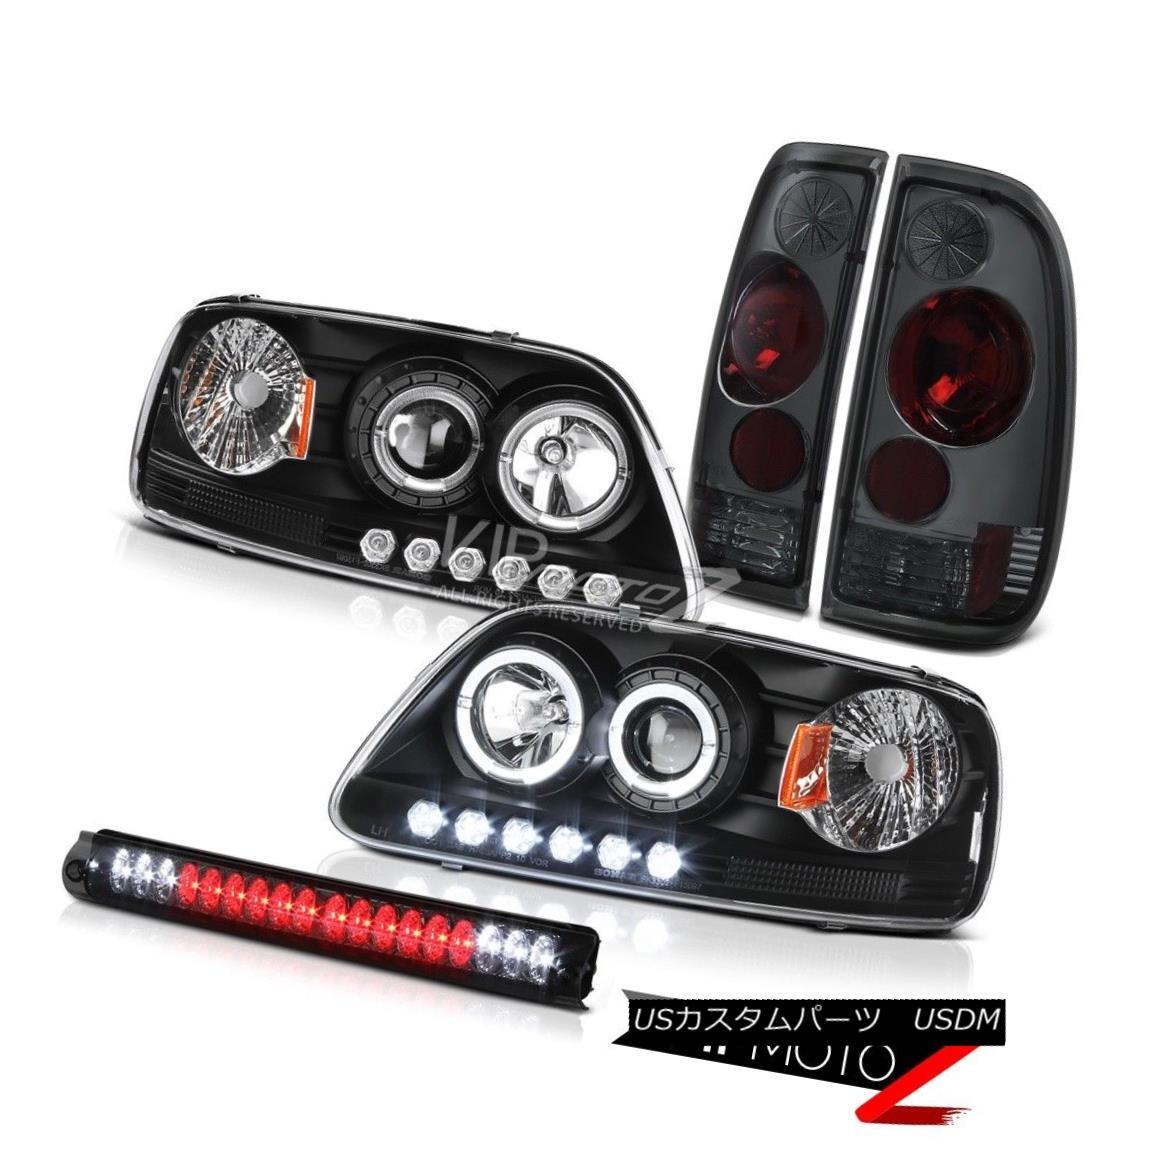 ヘッドライト Halo LED Headlight 1999 2000 2001 F150 XL Tinted Tail Light Roof Brake Lamp Tint Halo LEDヘッドライト1999年2000年2001年F150 XLテールテールライトルーフブレーキランプの色合い